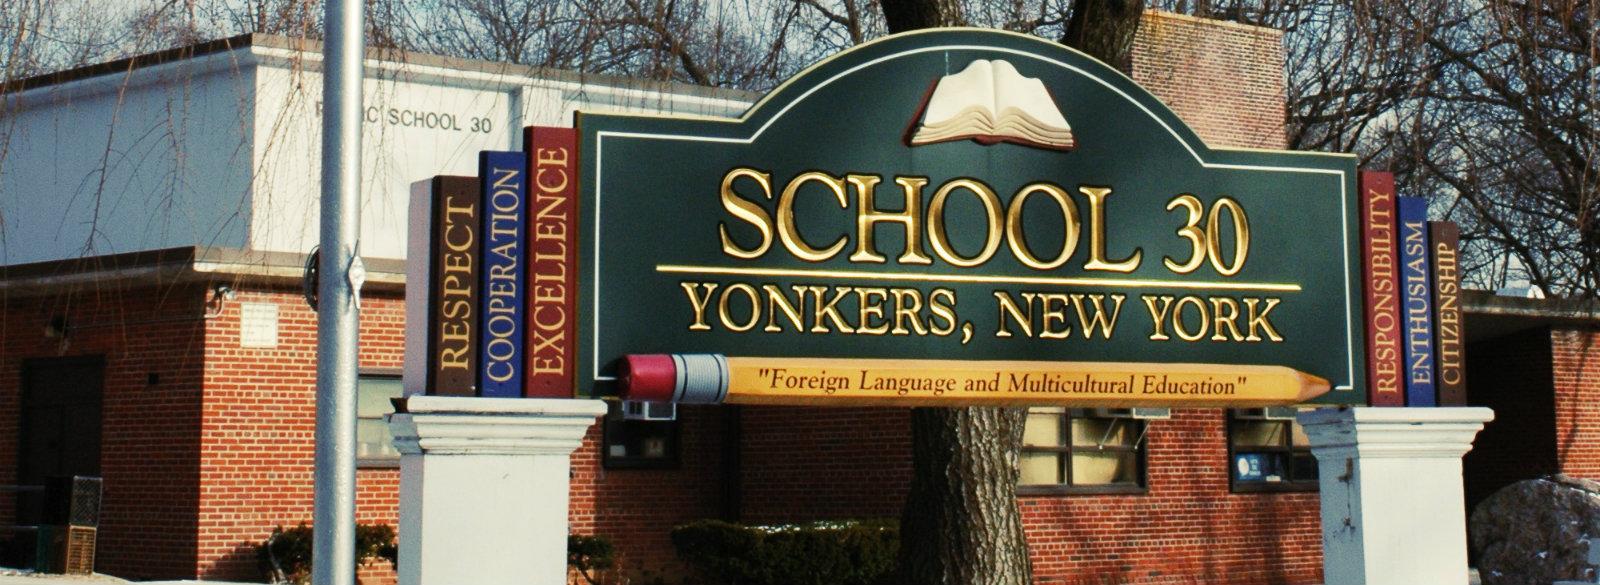 School 30 Homepage